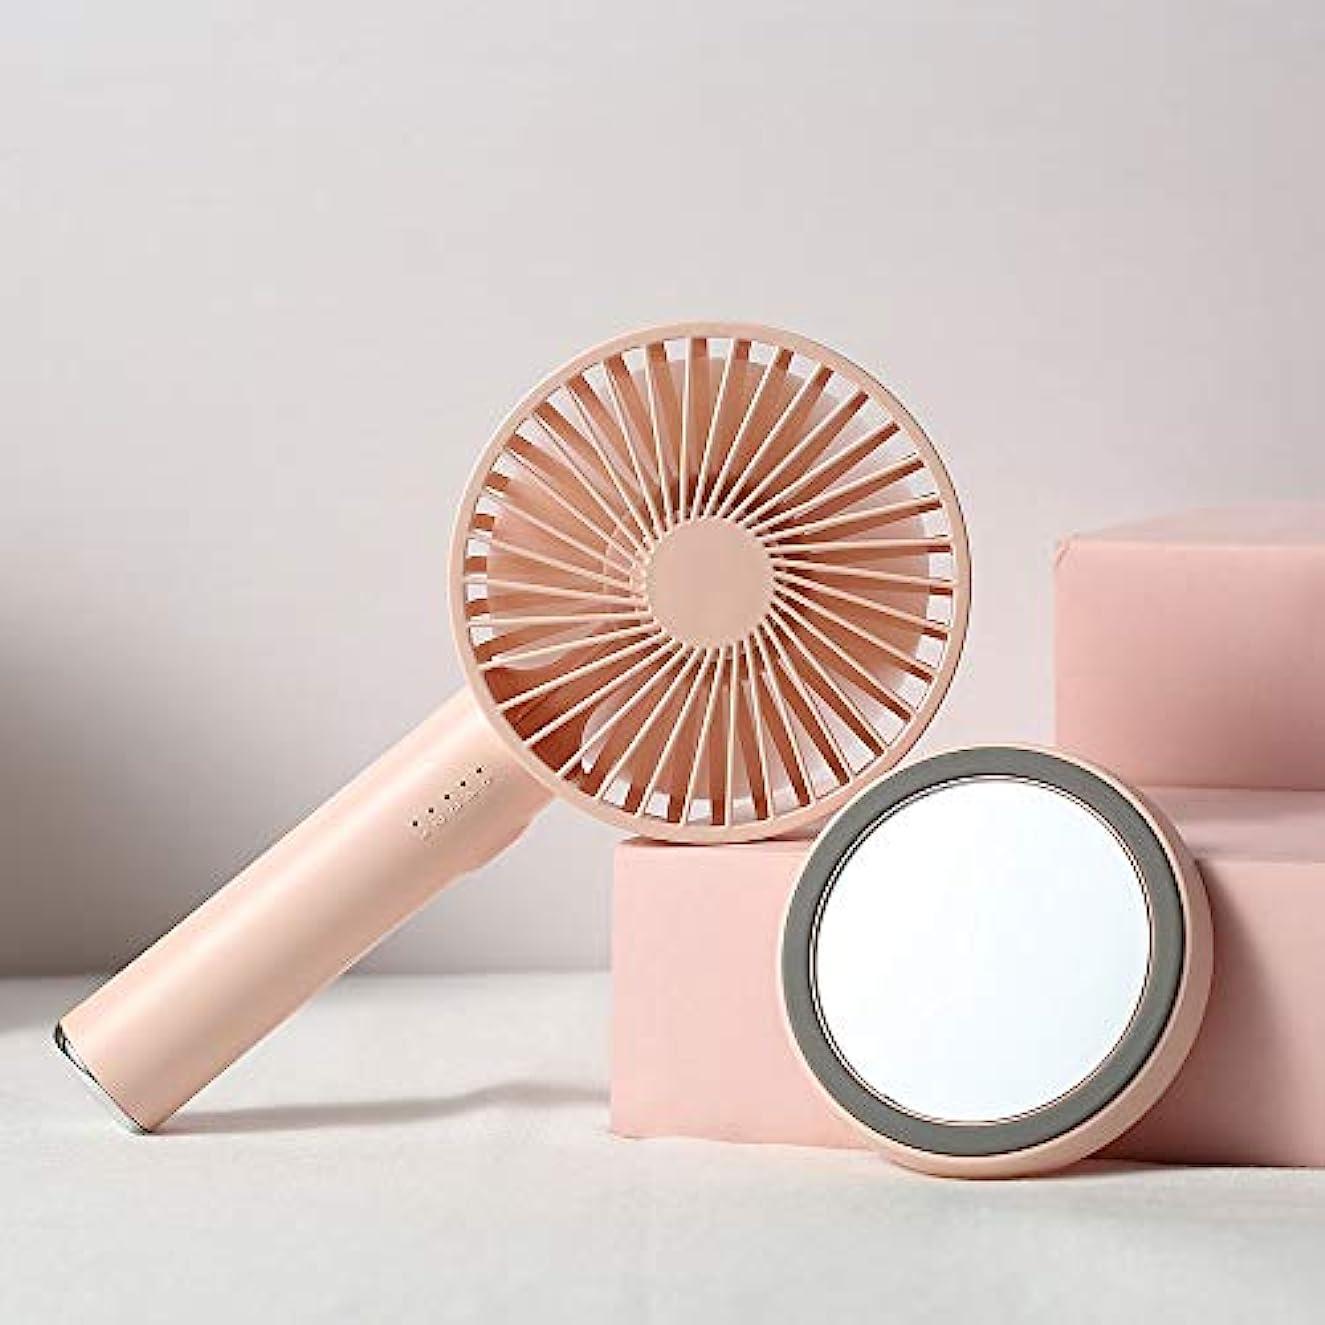 追放する適切に立ち寄る流行の クリエイティブ新しいファンの化粧鏡の手持ち型の無声ファン5速調整ポータブル屋外の美しさのミラーミラー2つの黄色のモデルピンク (色 : Pink)